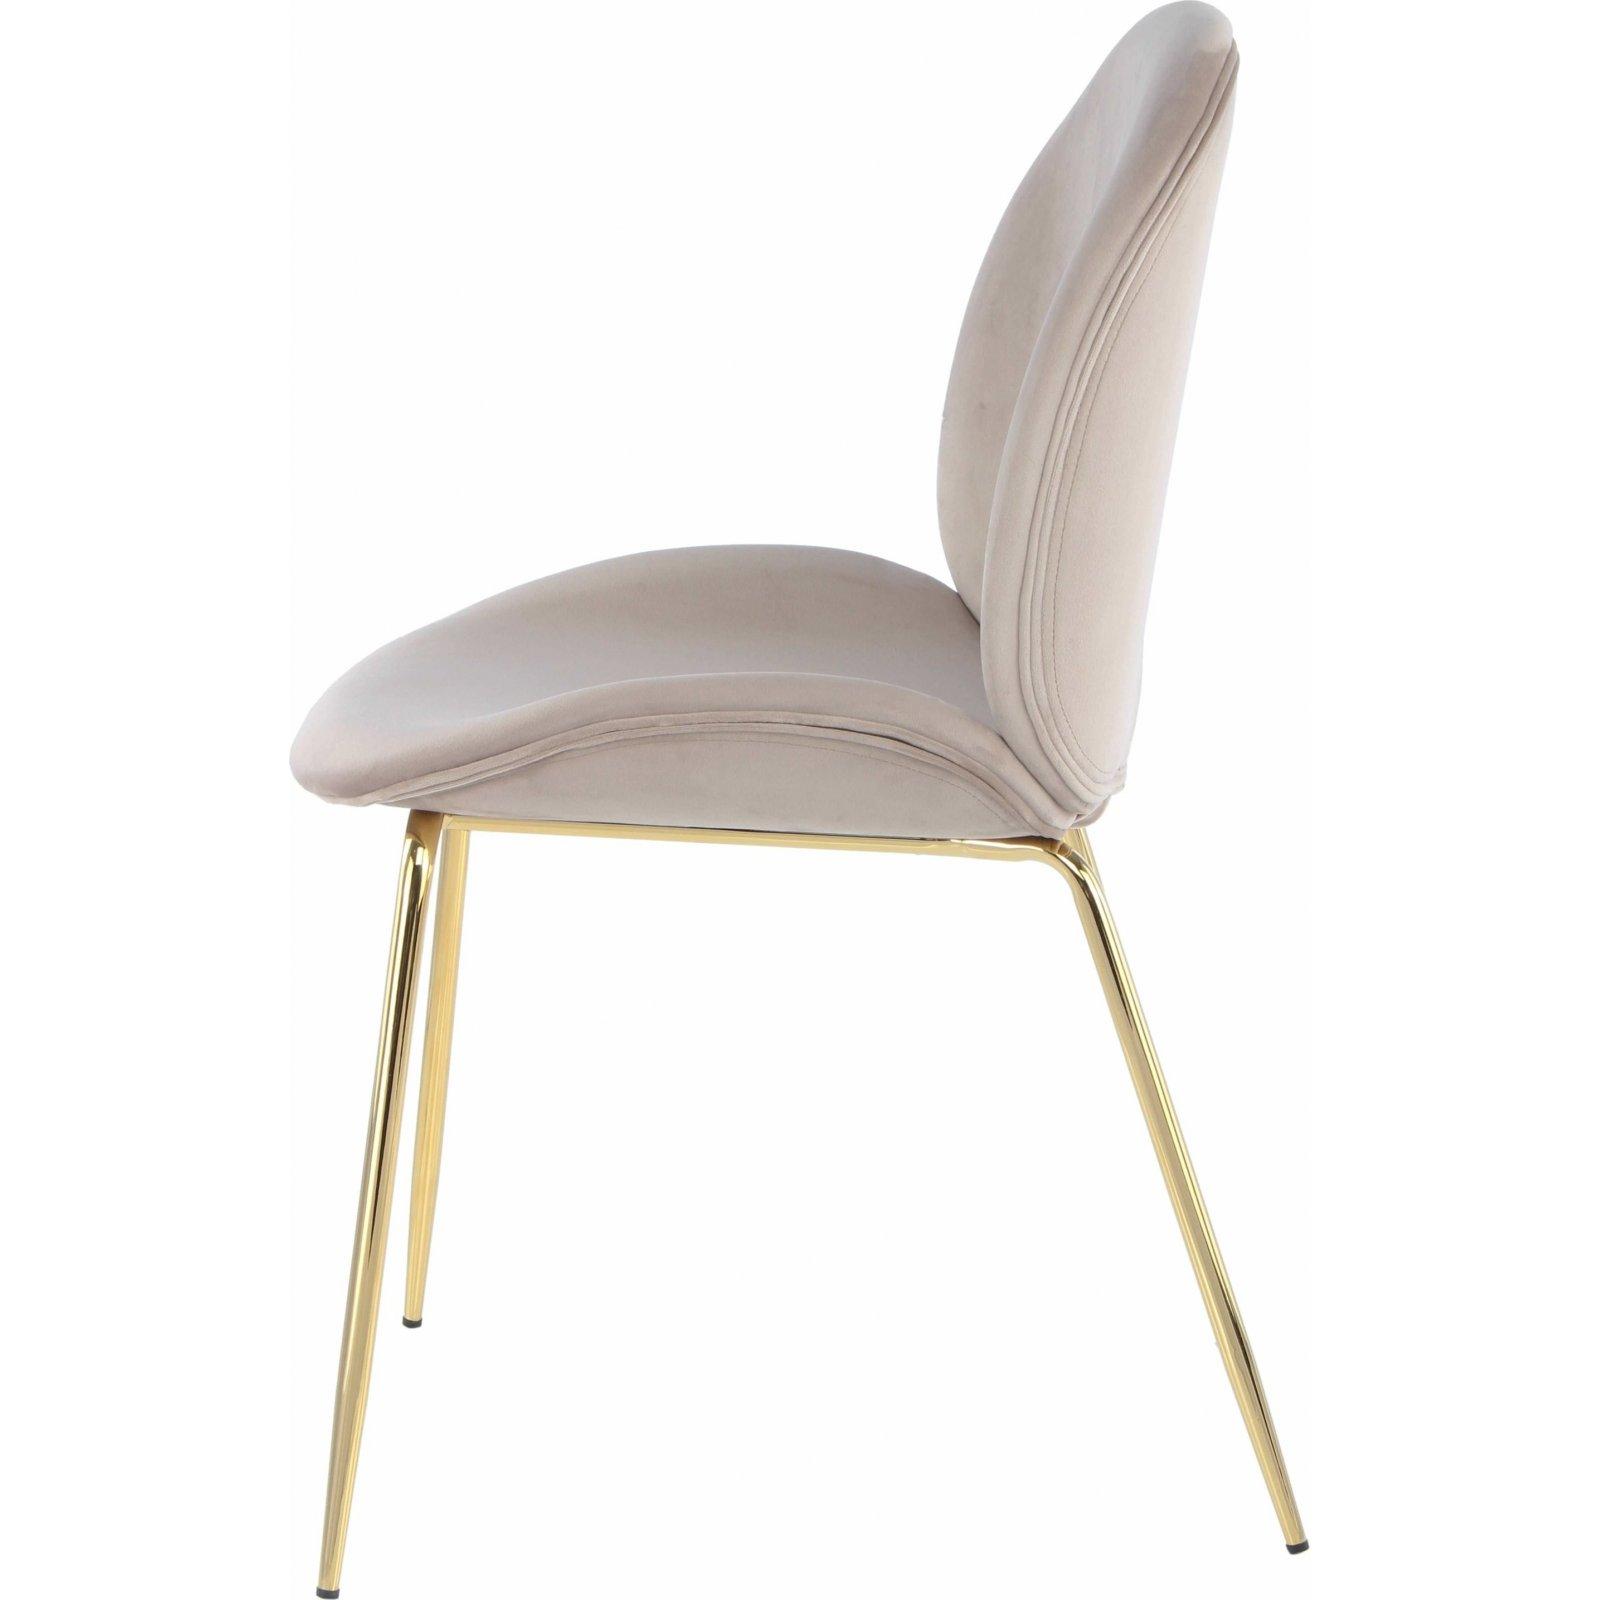 Chaise rembourrée assise beige clair pieds doré (lot de 2)